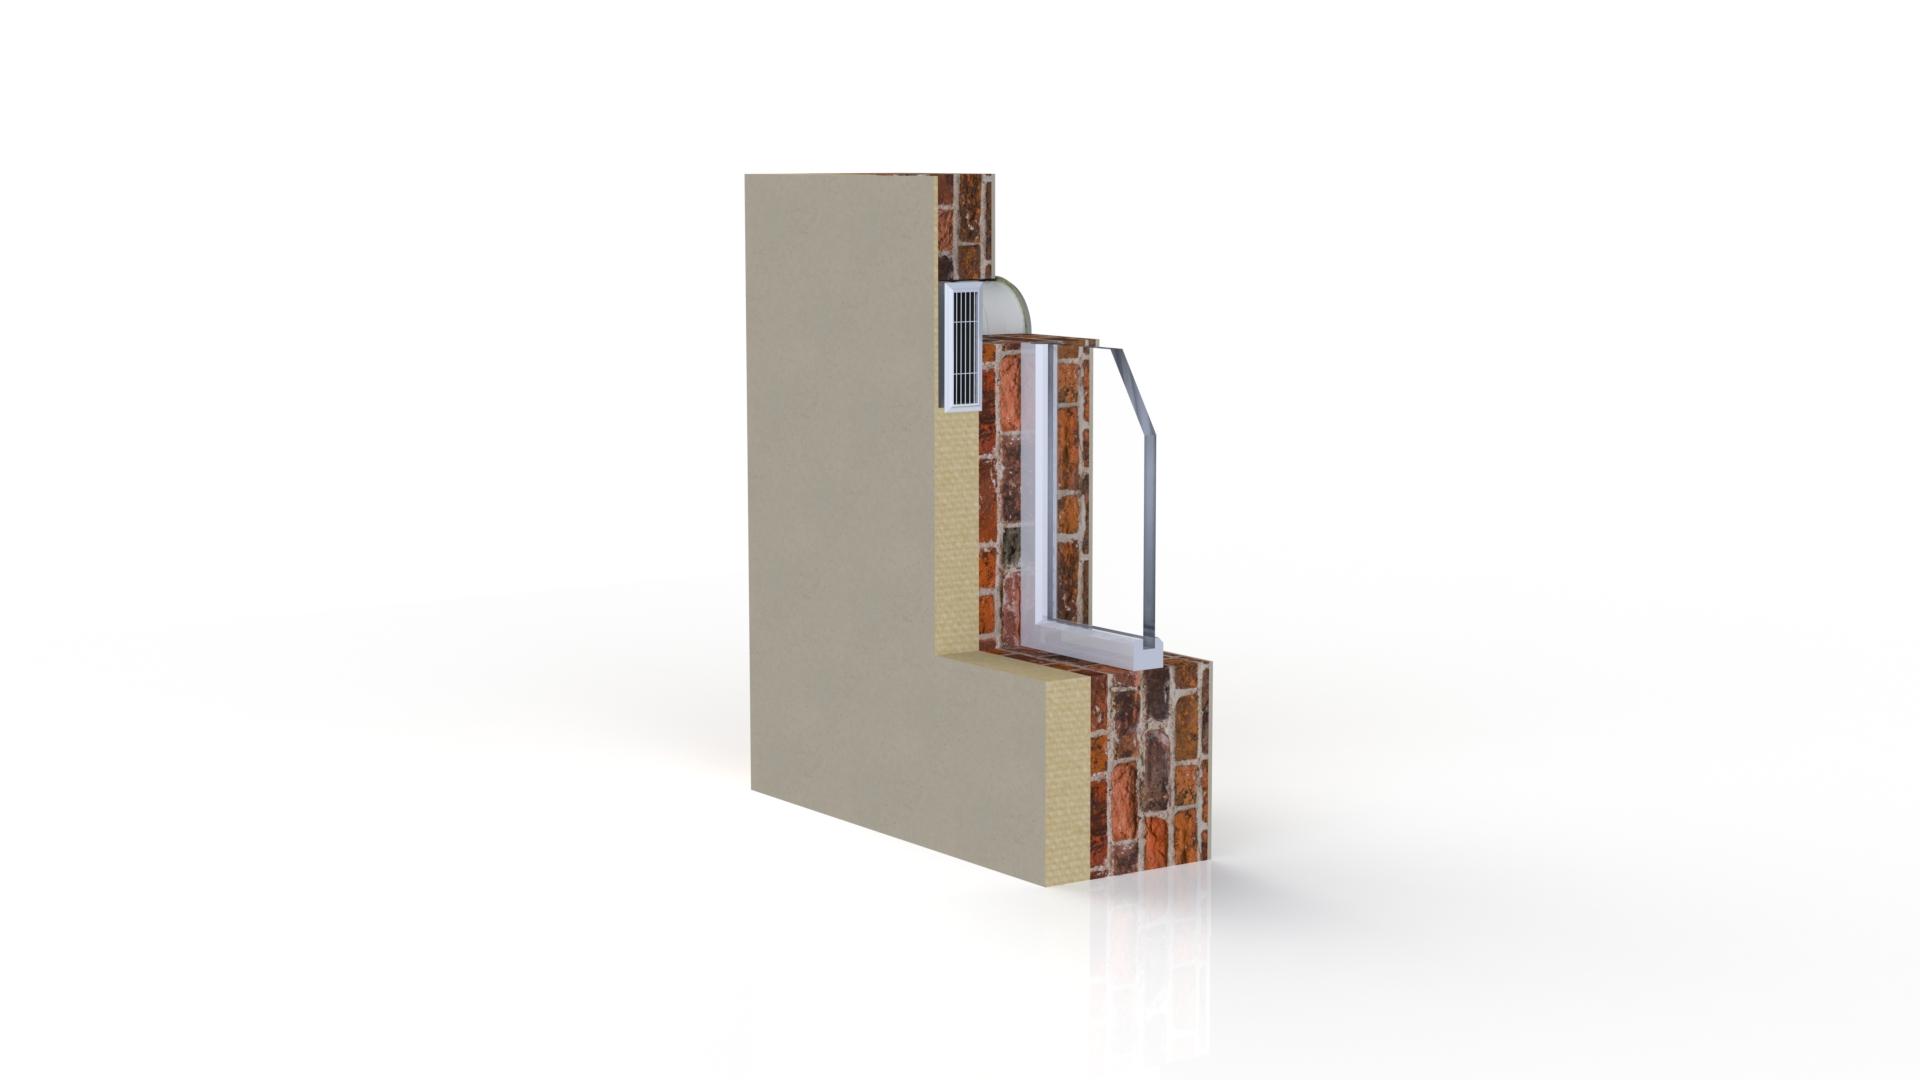 угловой в стене утепление1